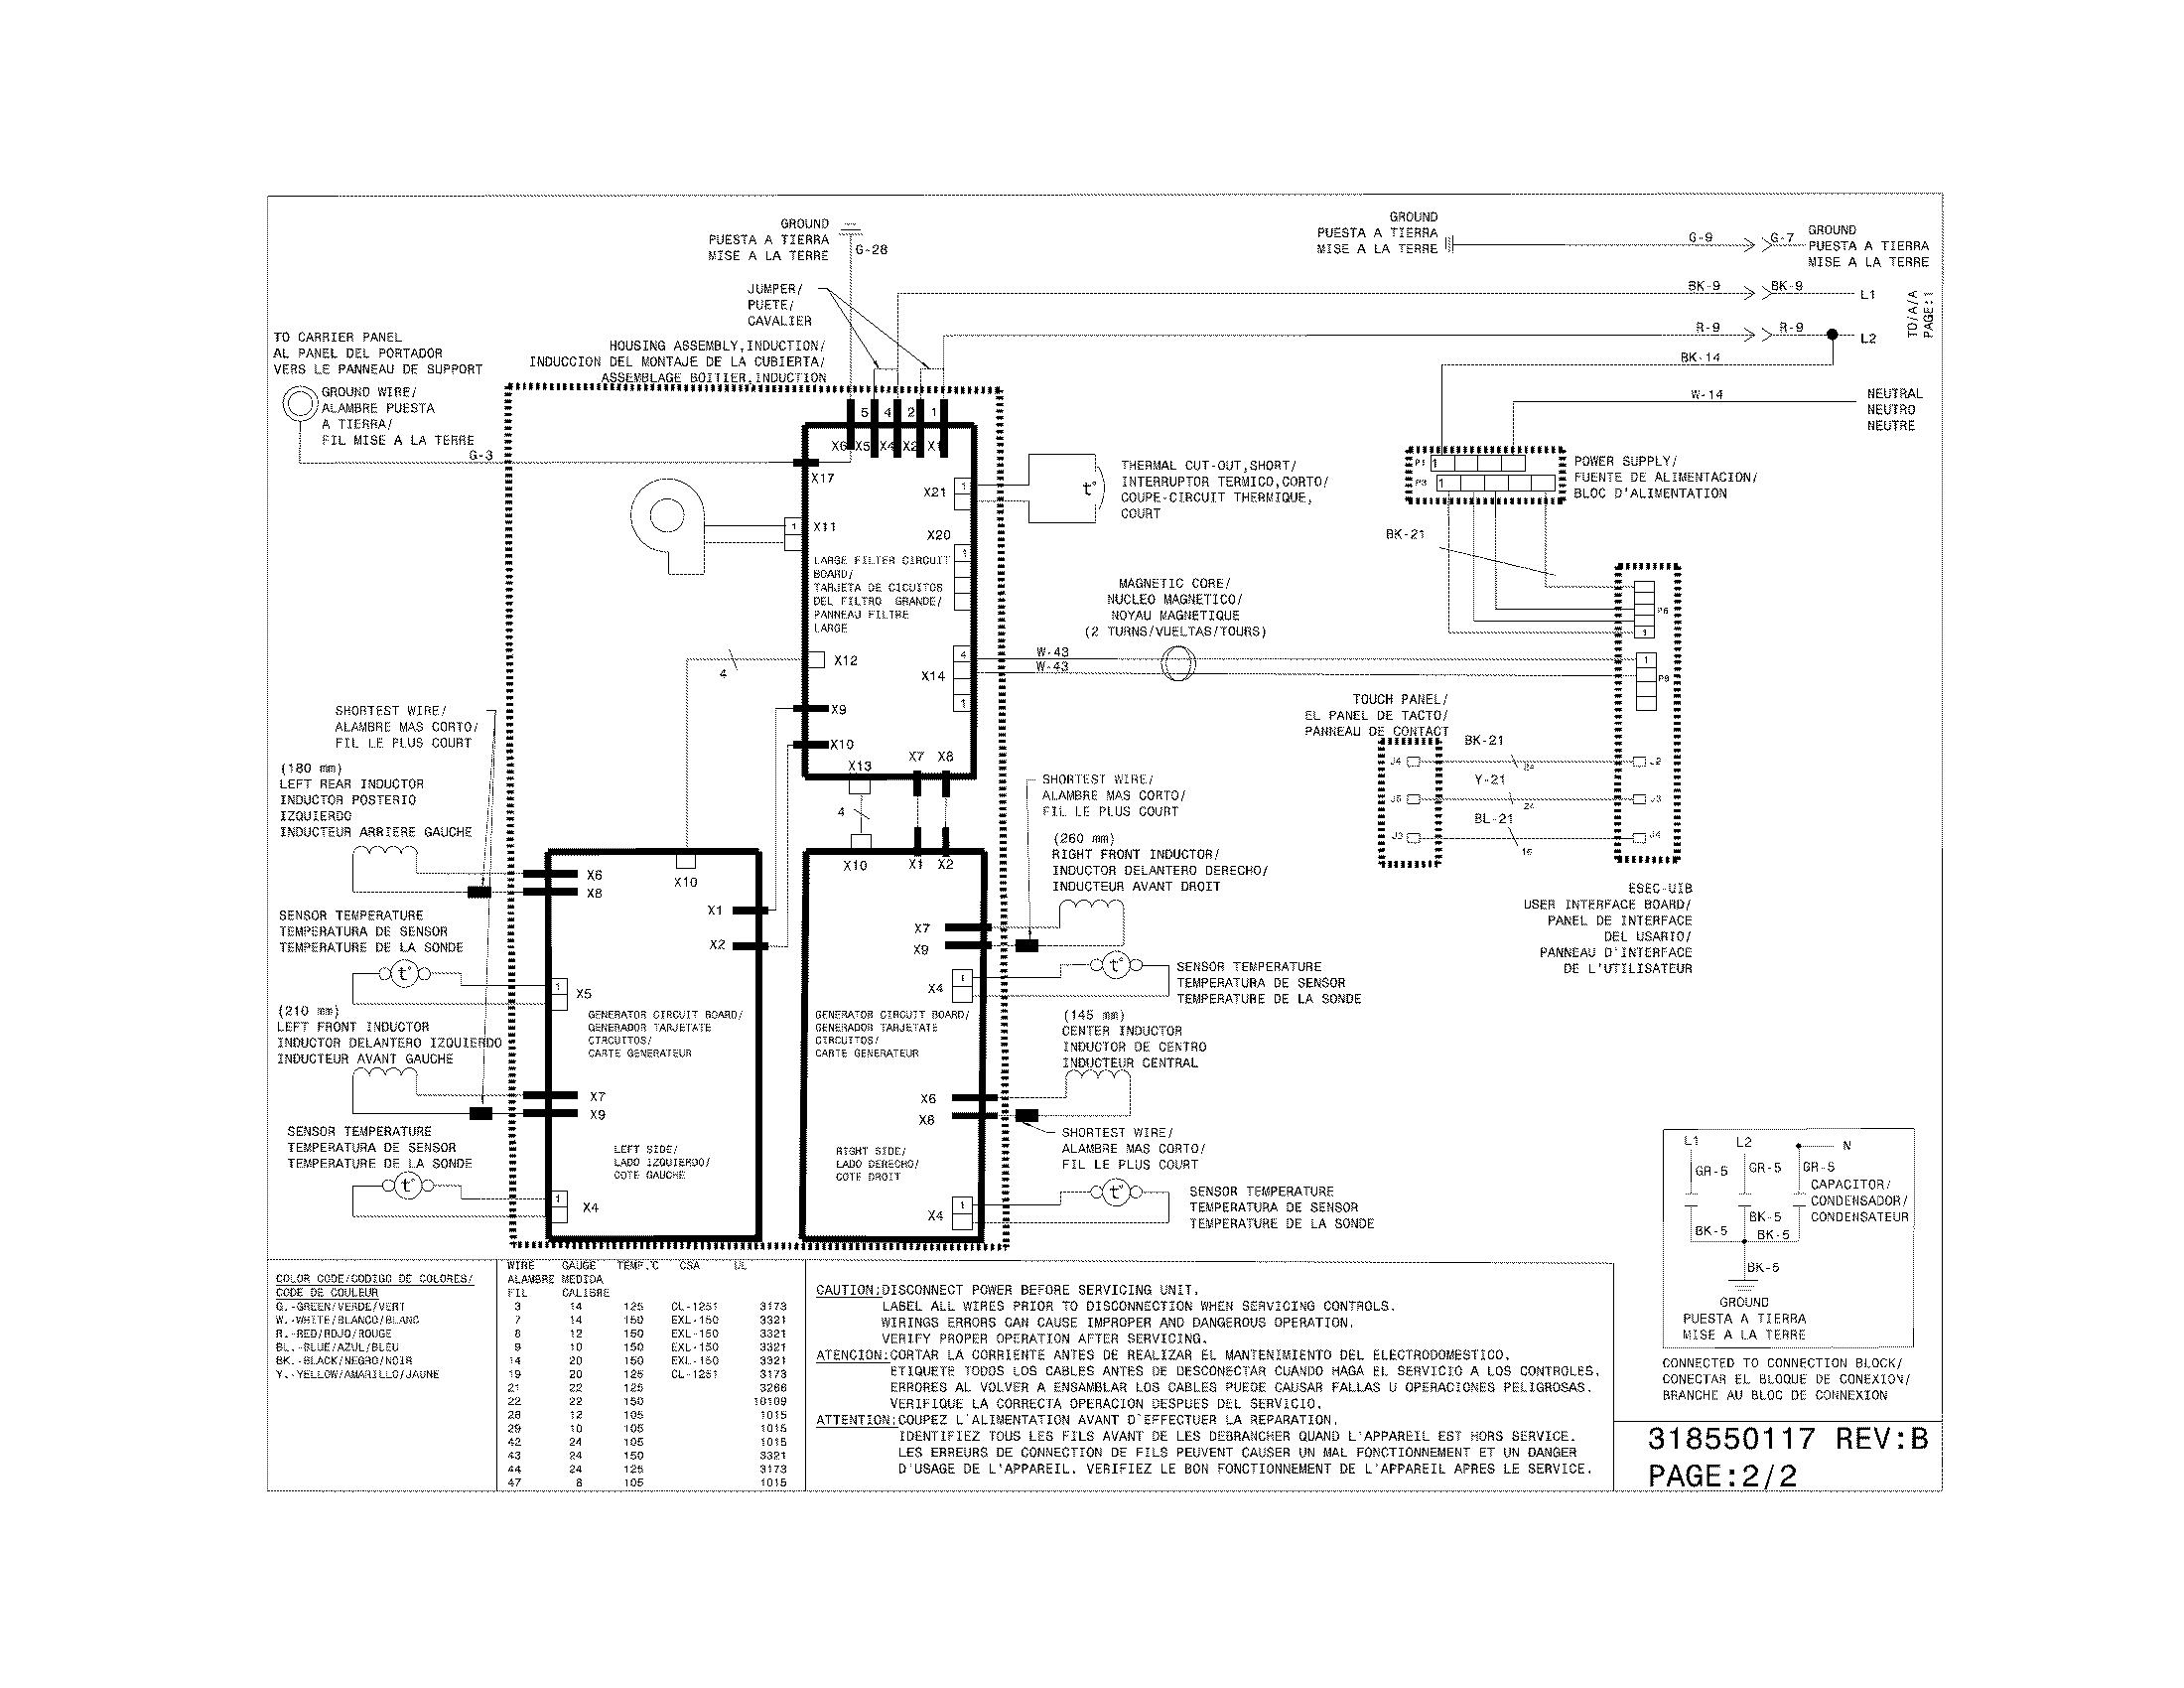 Wiring diagram for 1999 jayco steps dutchman wiring diagram jayco swan wiring diagram camper battery wiring u2022 mifinder co jayco 5th wheel wiring diagram sciox Gallery